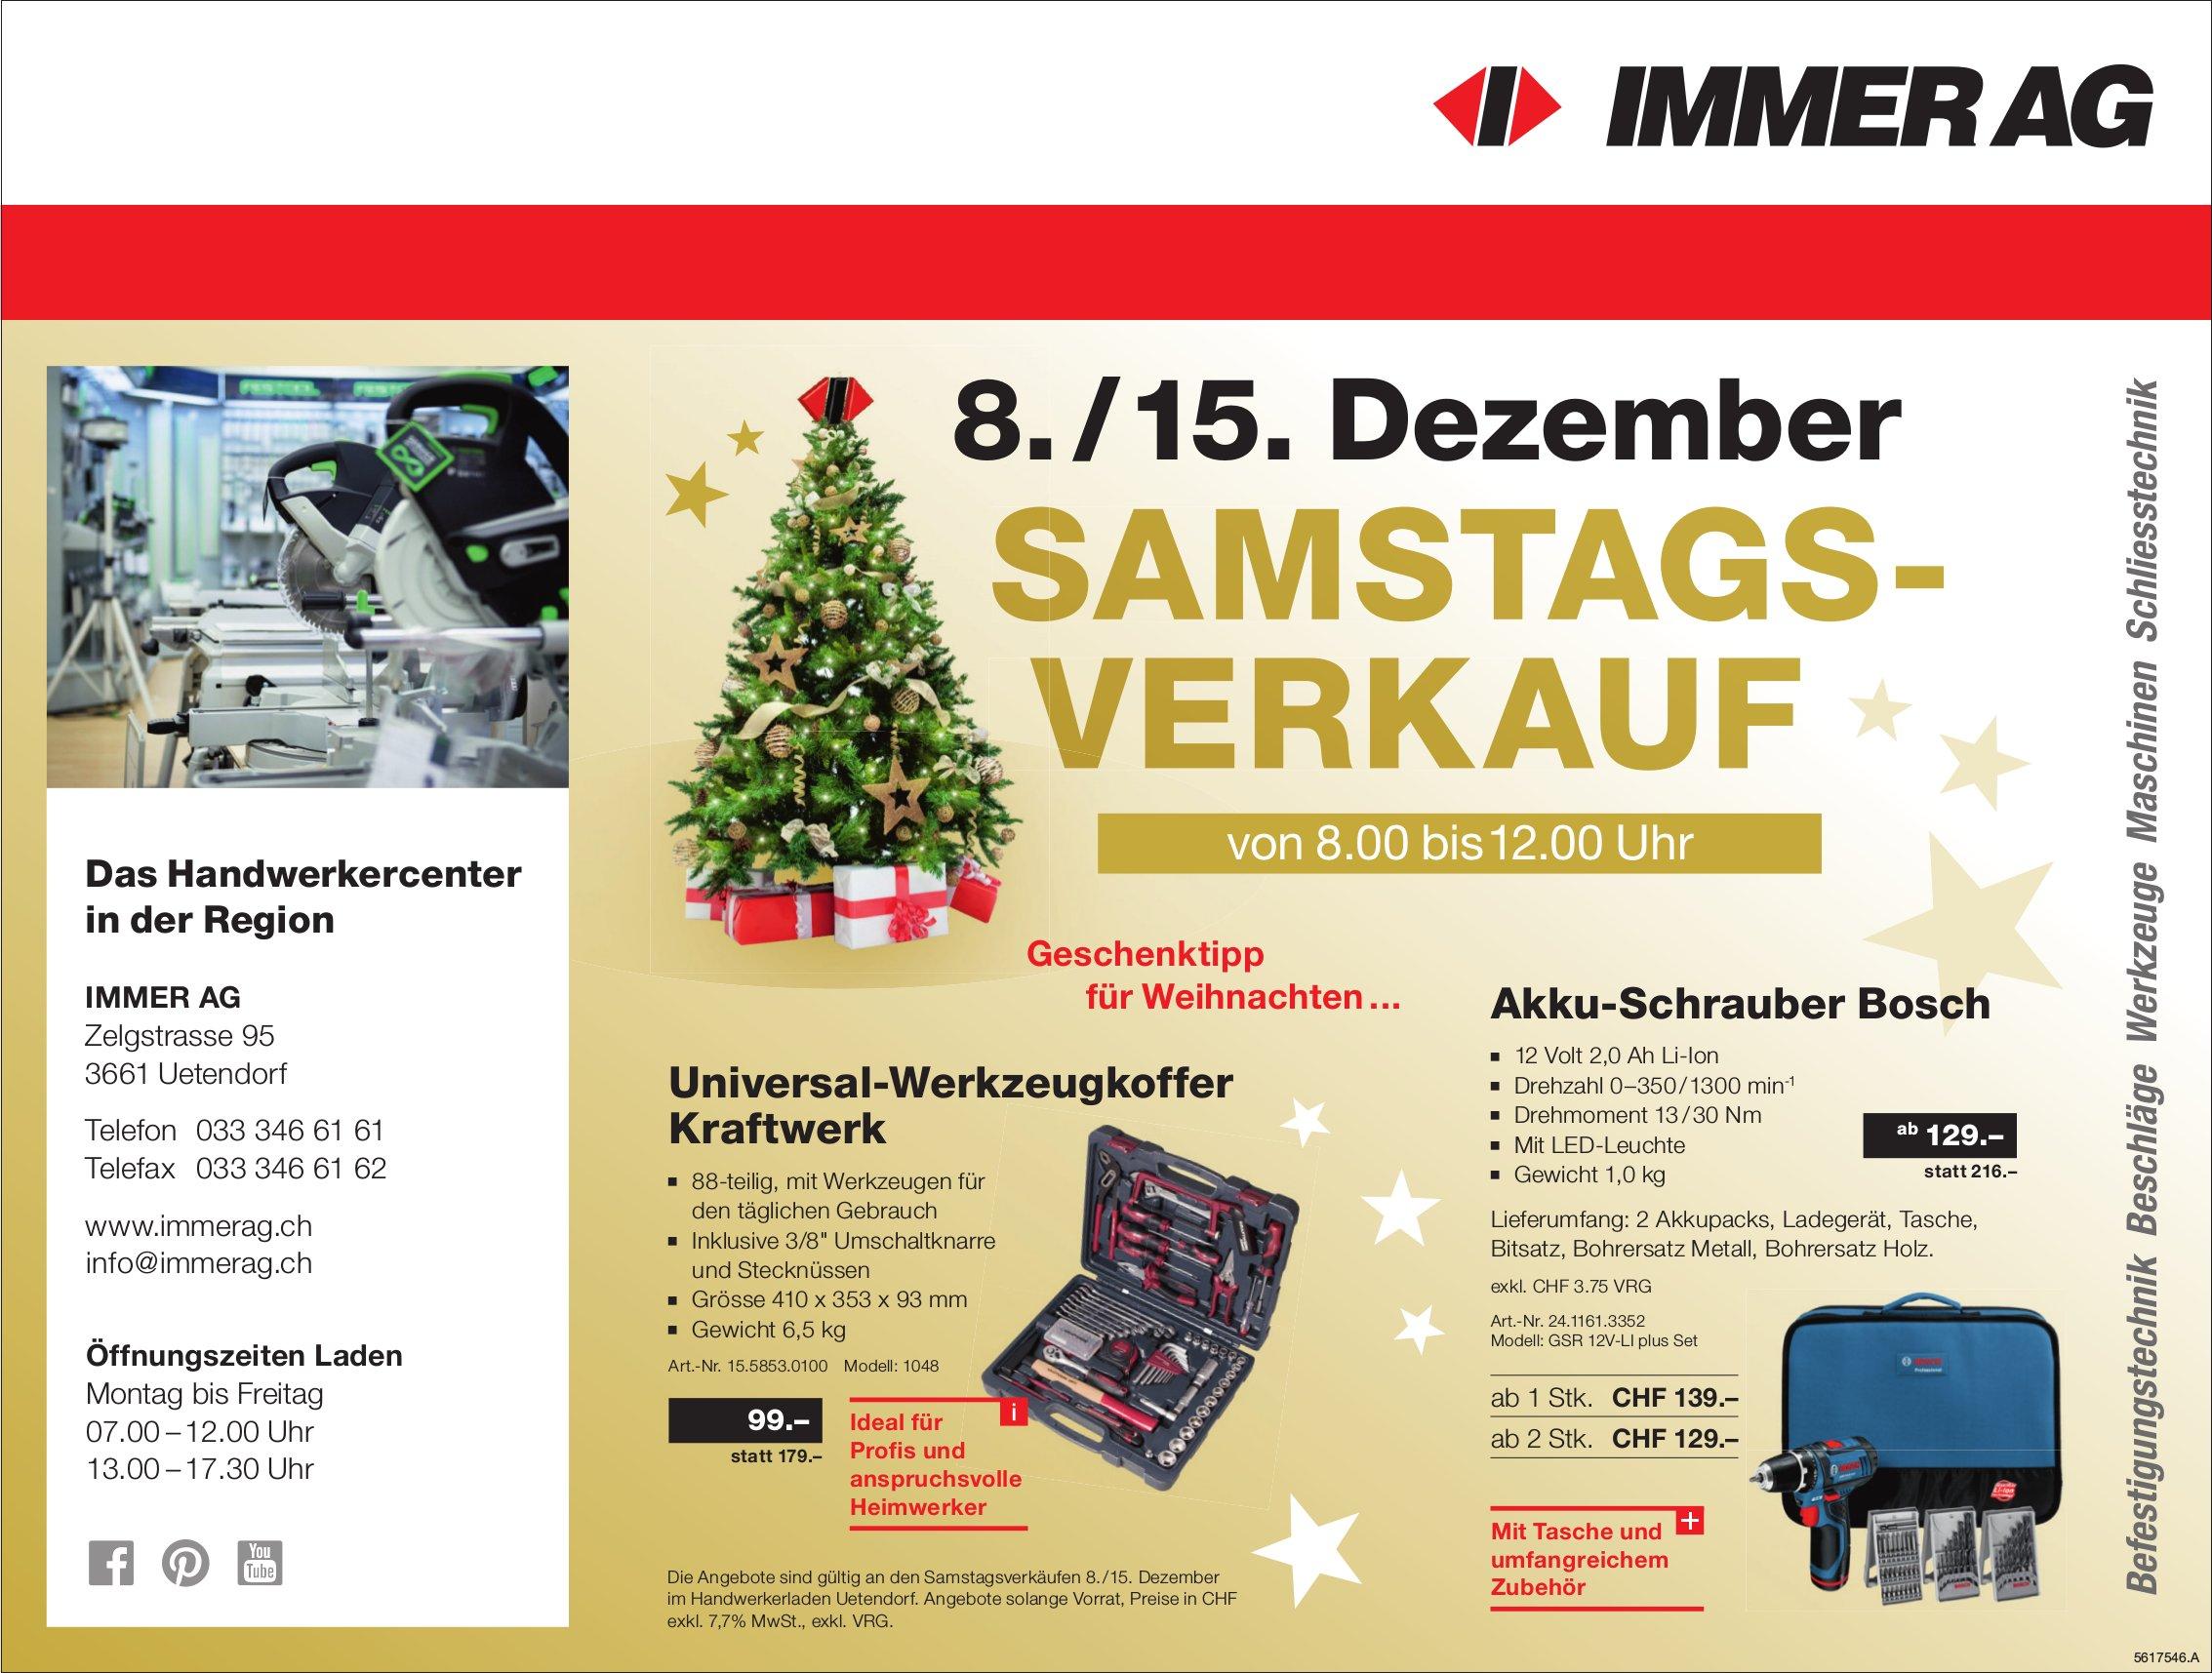 IMMER AG - 8./15. Dezember Samstagsverkauf